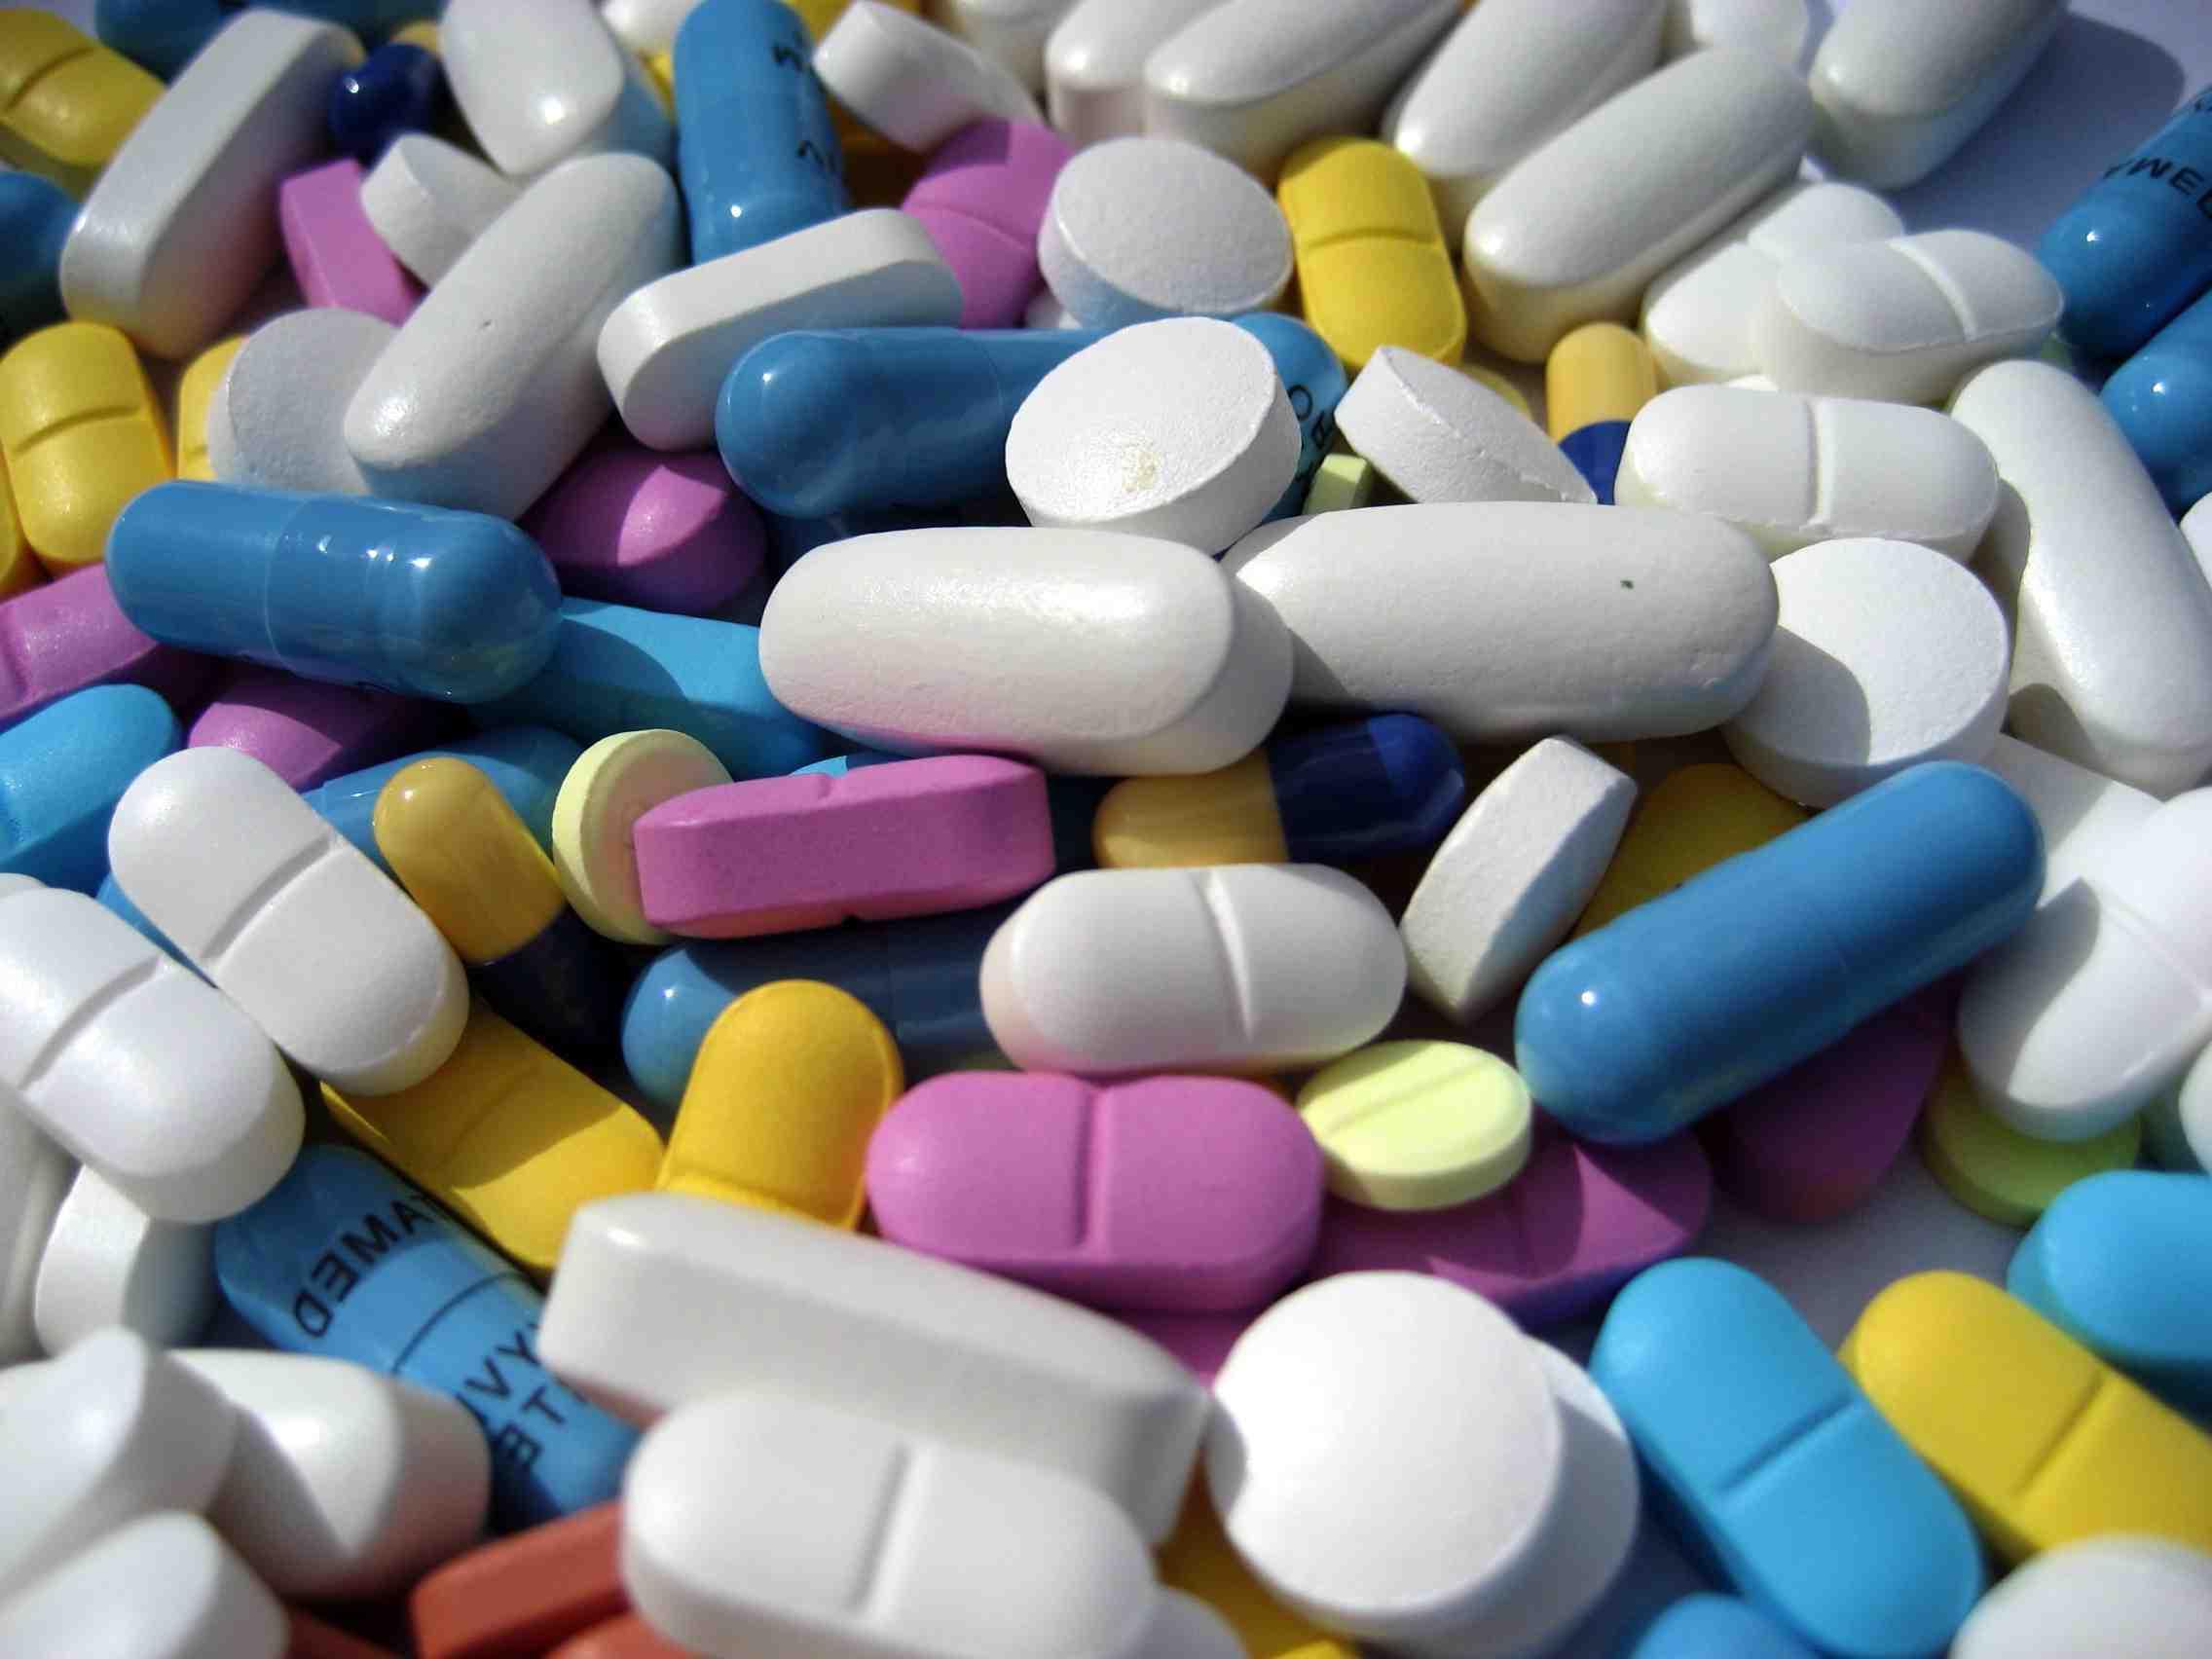 Espanha Envolvida em Rede Mundial de Venda de Medicamentos Falsos